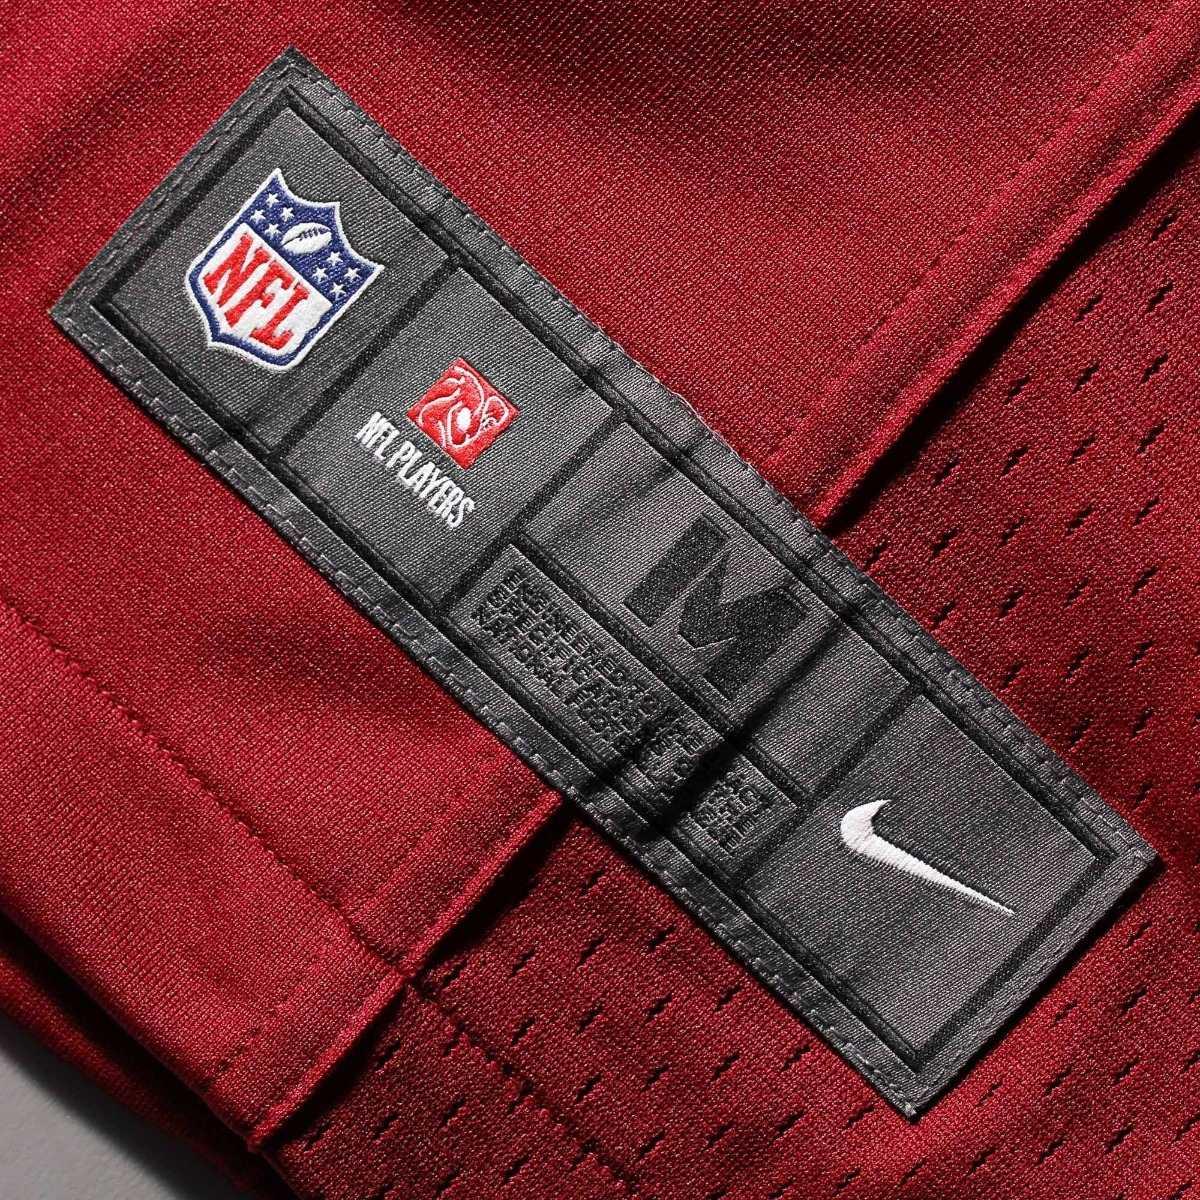 Camisetas Futbol Americano Nfl Redskins Originales 7 Niños -   1.699 ... 4fbefa66a5fd8